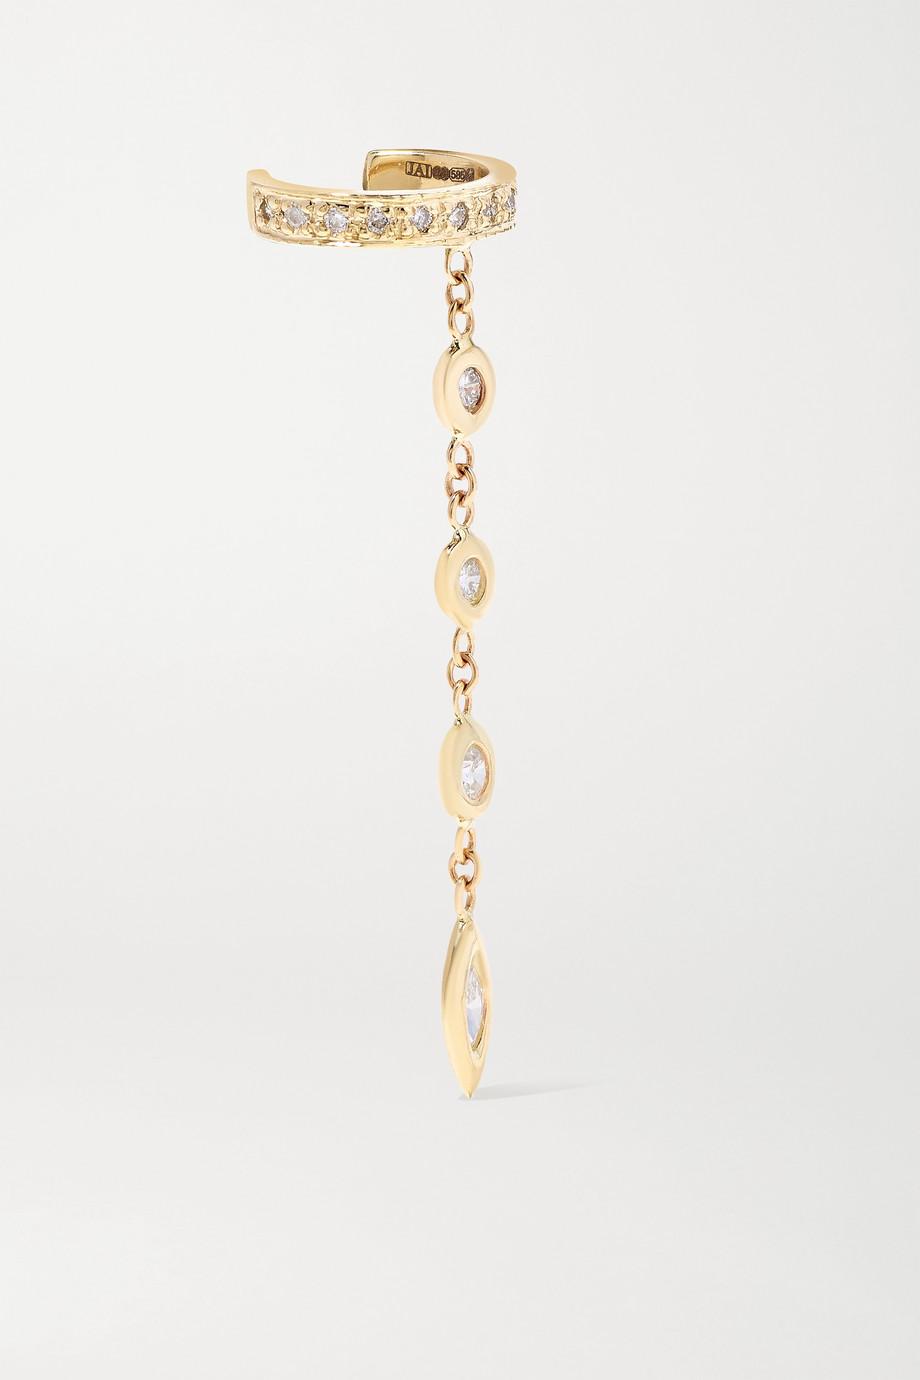 Jacquie Aiche 14-karat gold diamond ear cuff